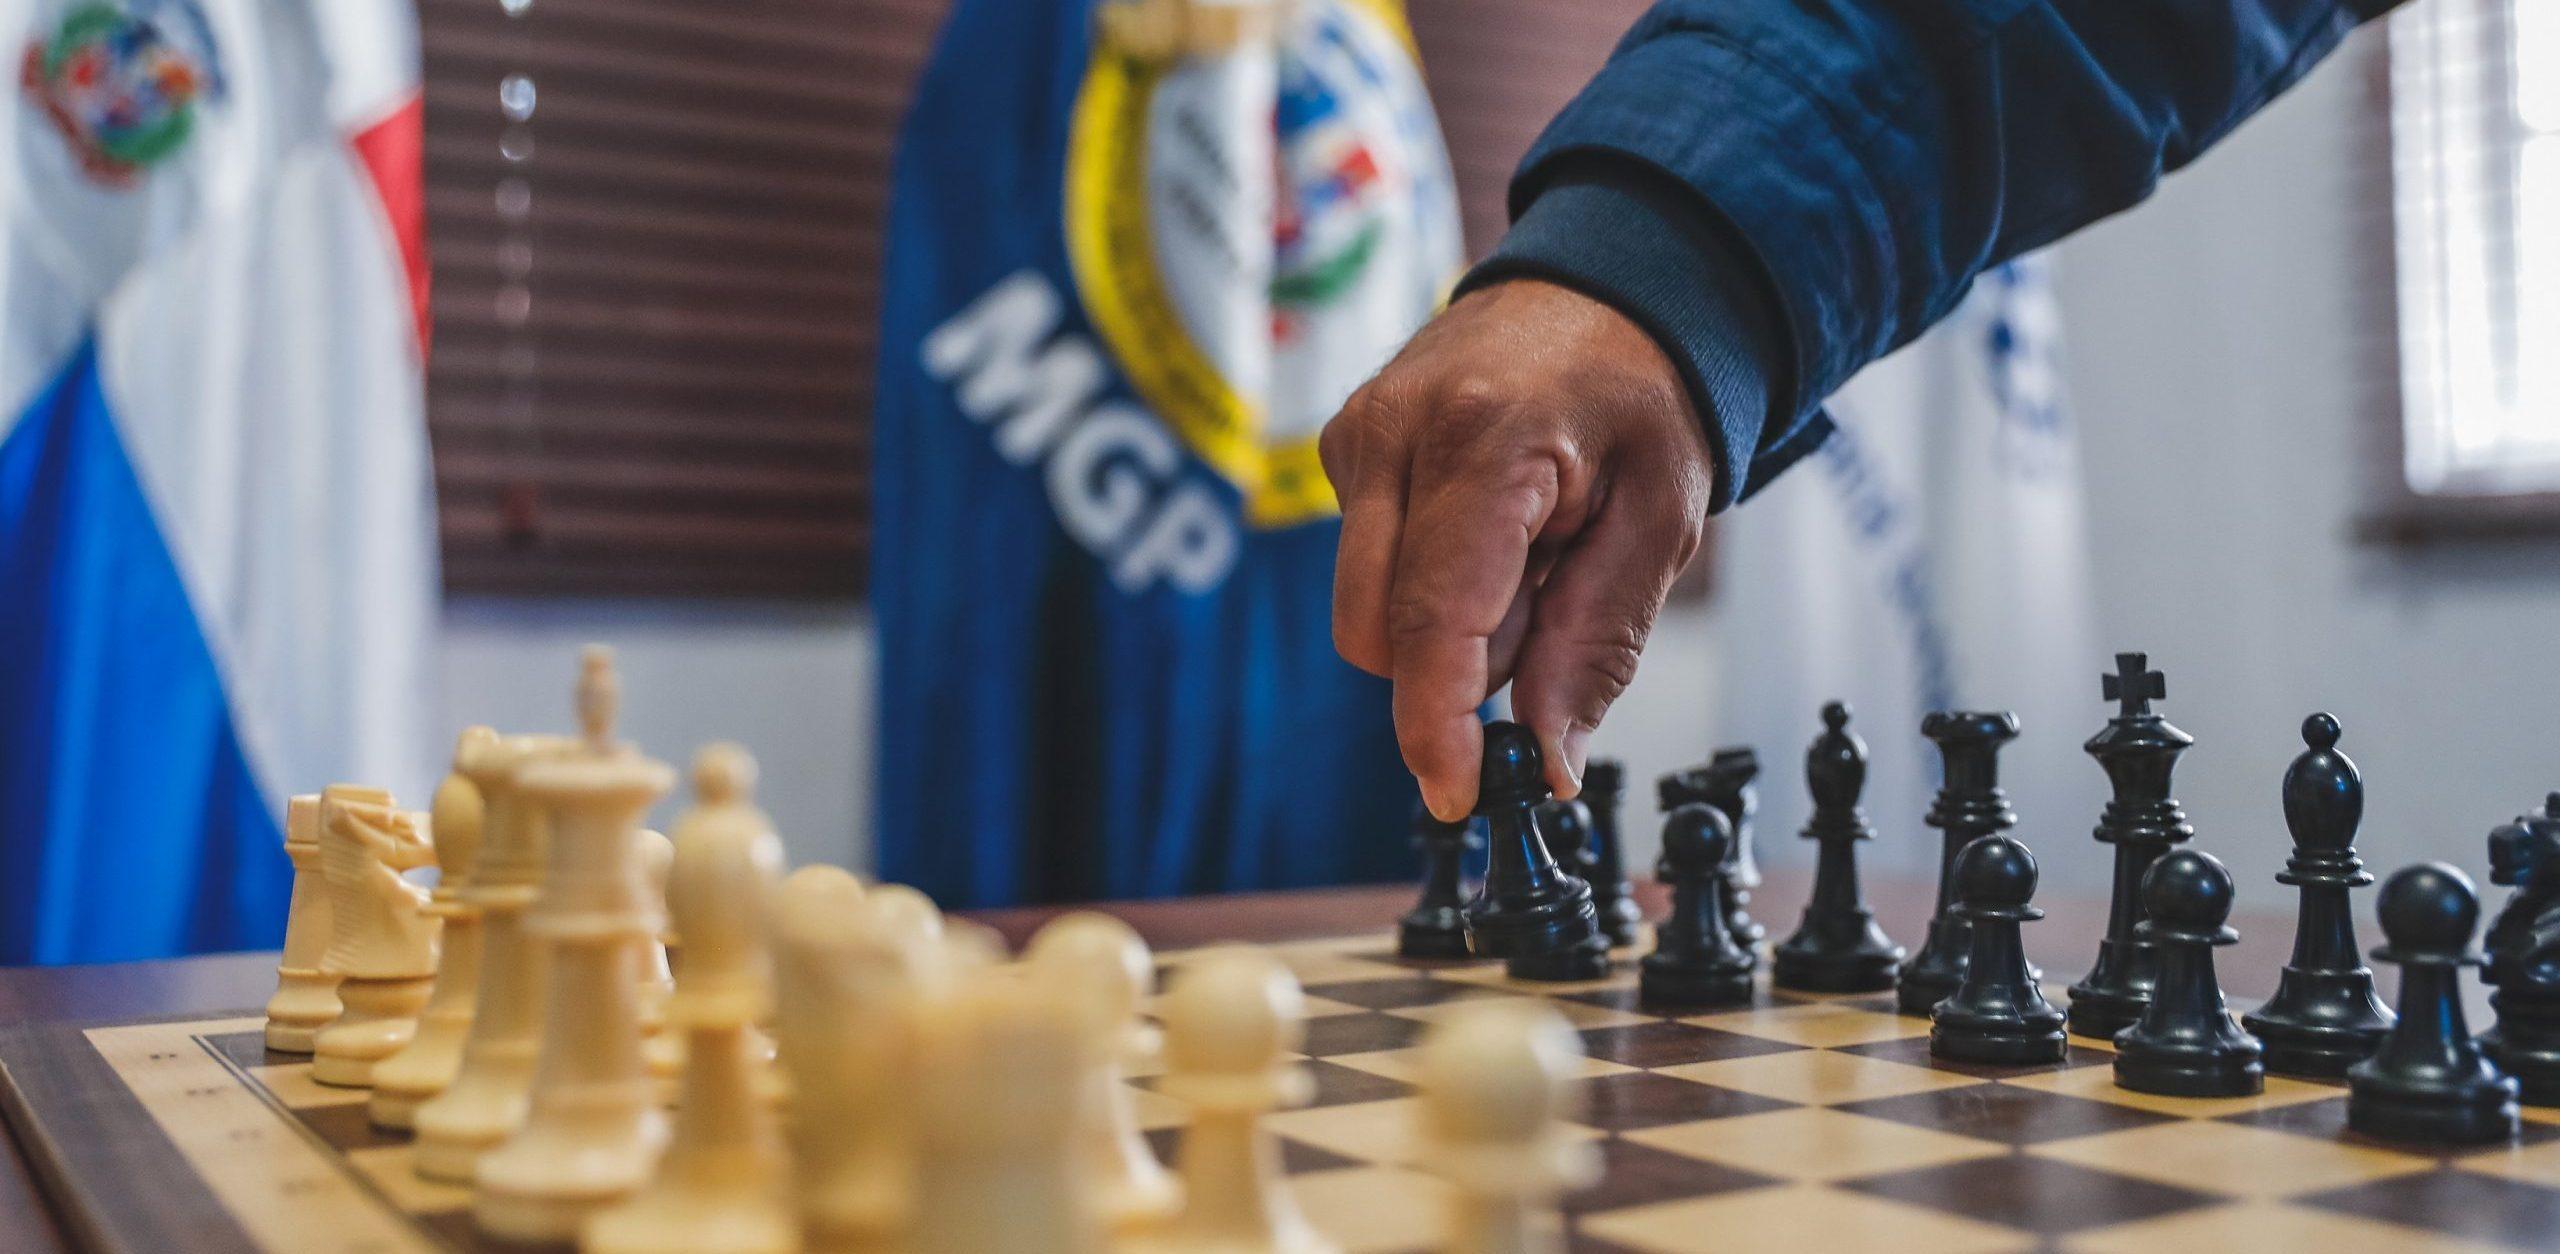 Santiago, Mao y Moca ganan II Torneo Virtual de Ajedrez Penitenciario